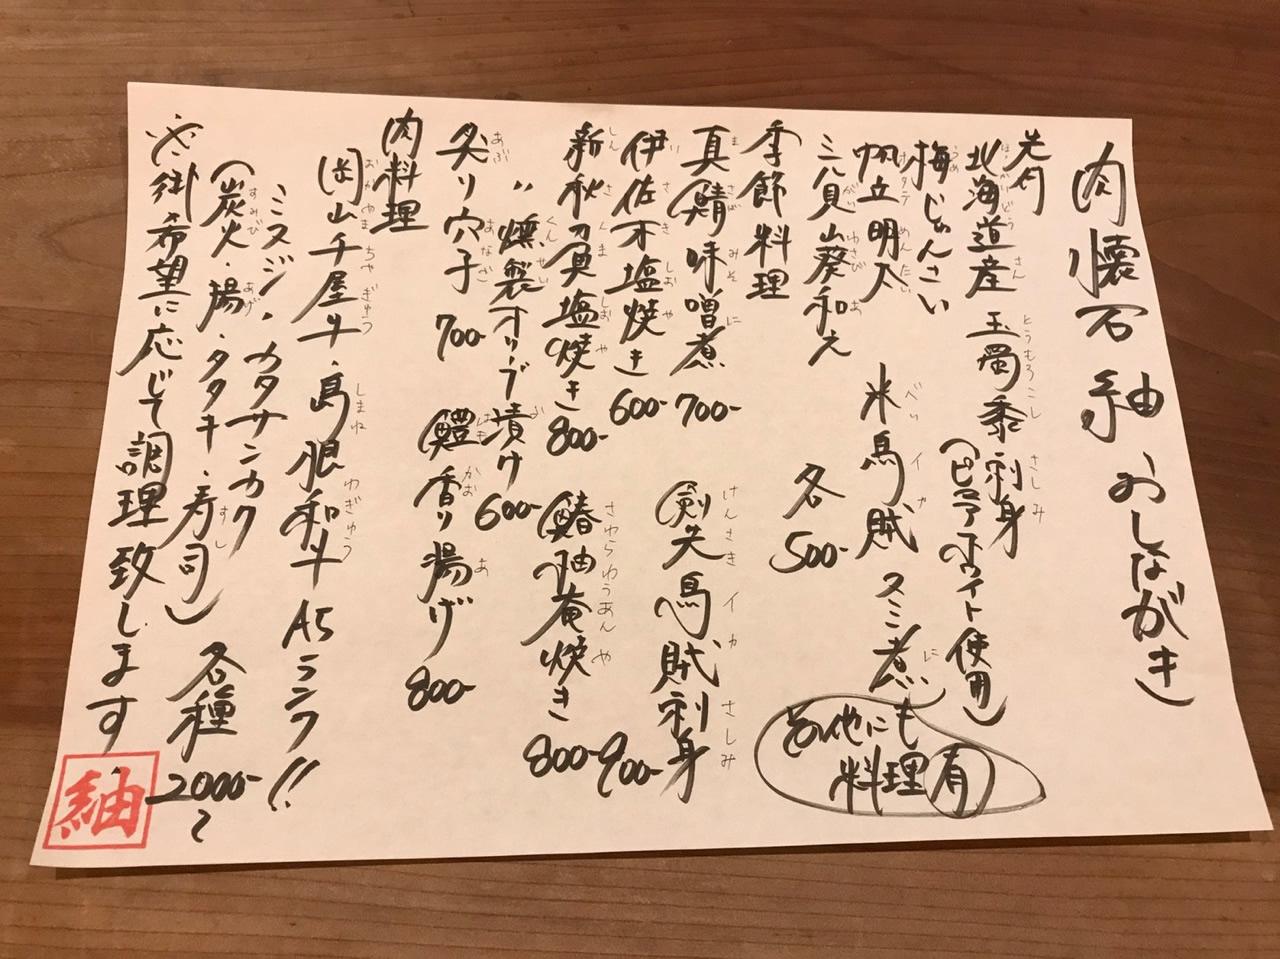 tsumu-tanpin